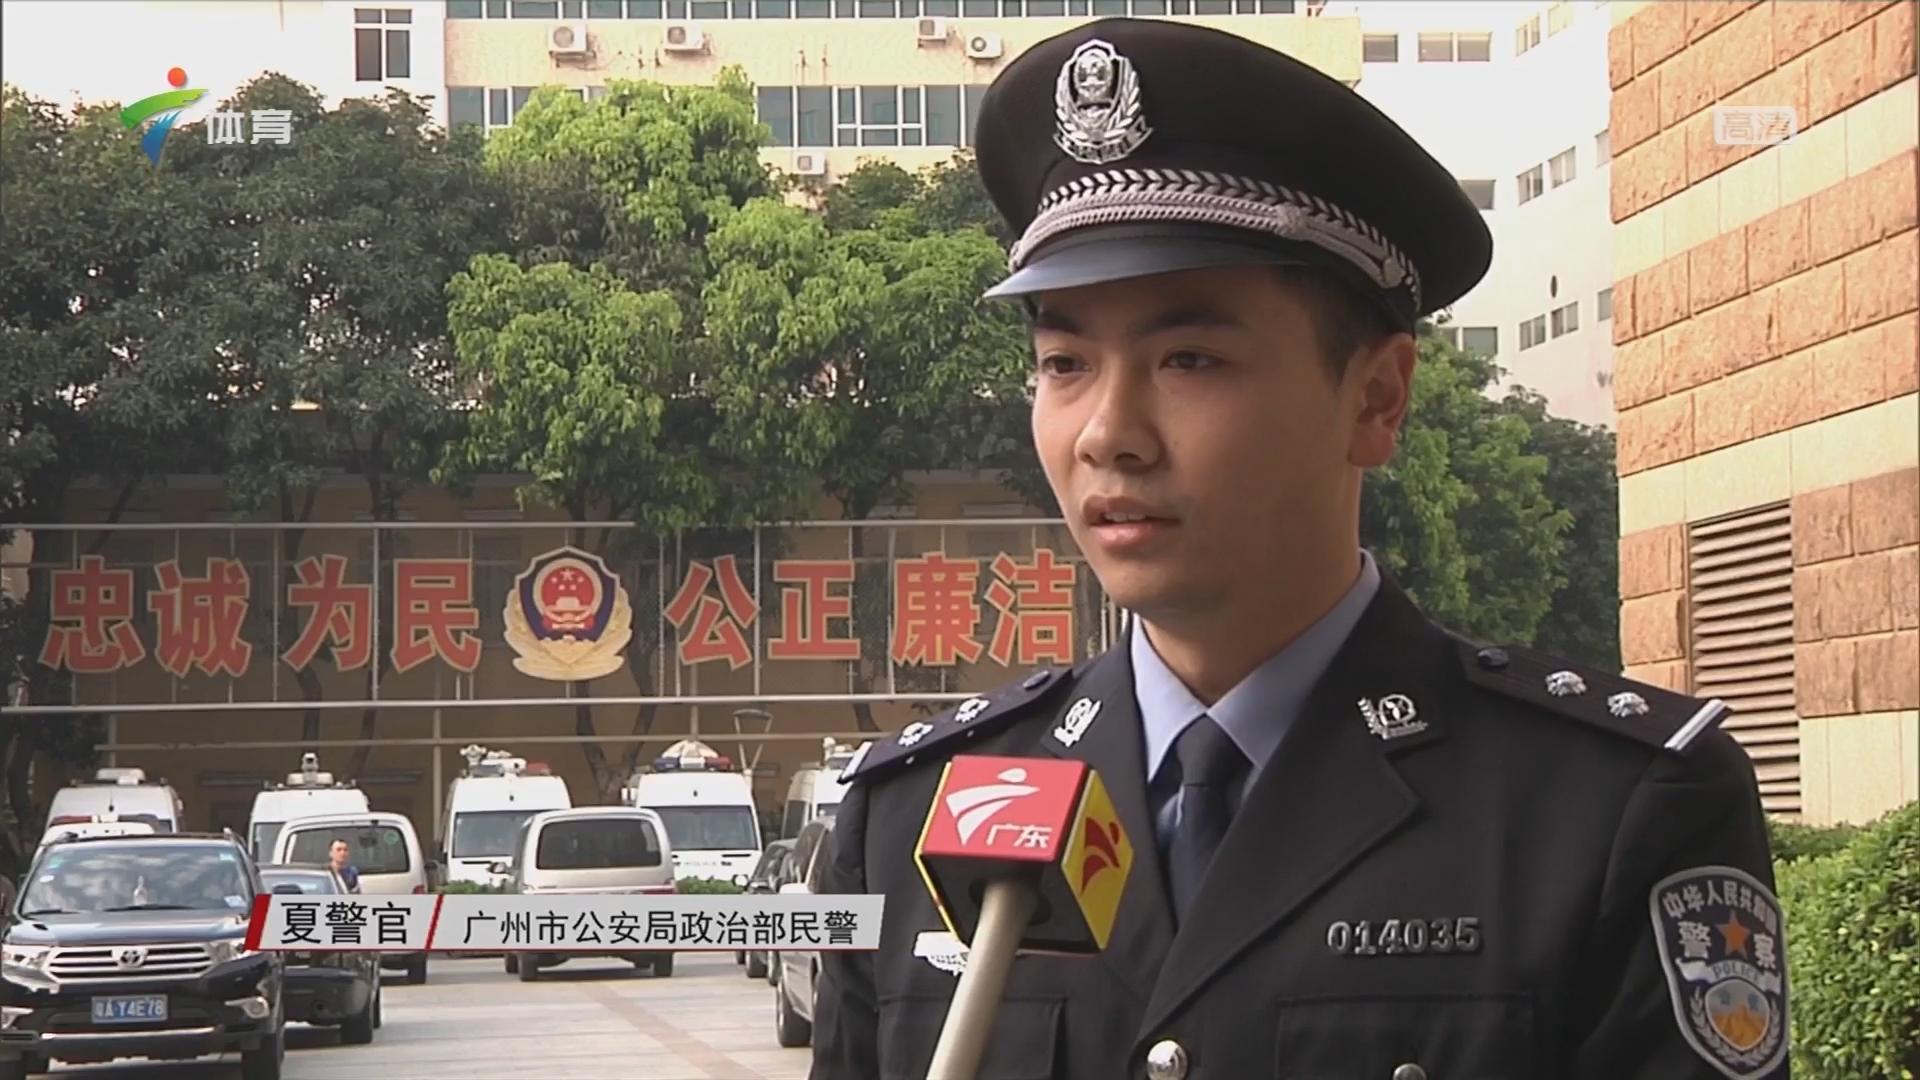 警官�y�-��+_帅气警官跑广马:先定一个小目标